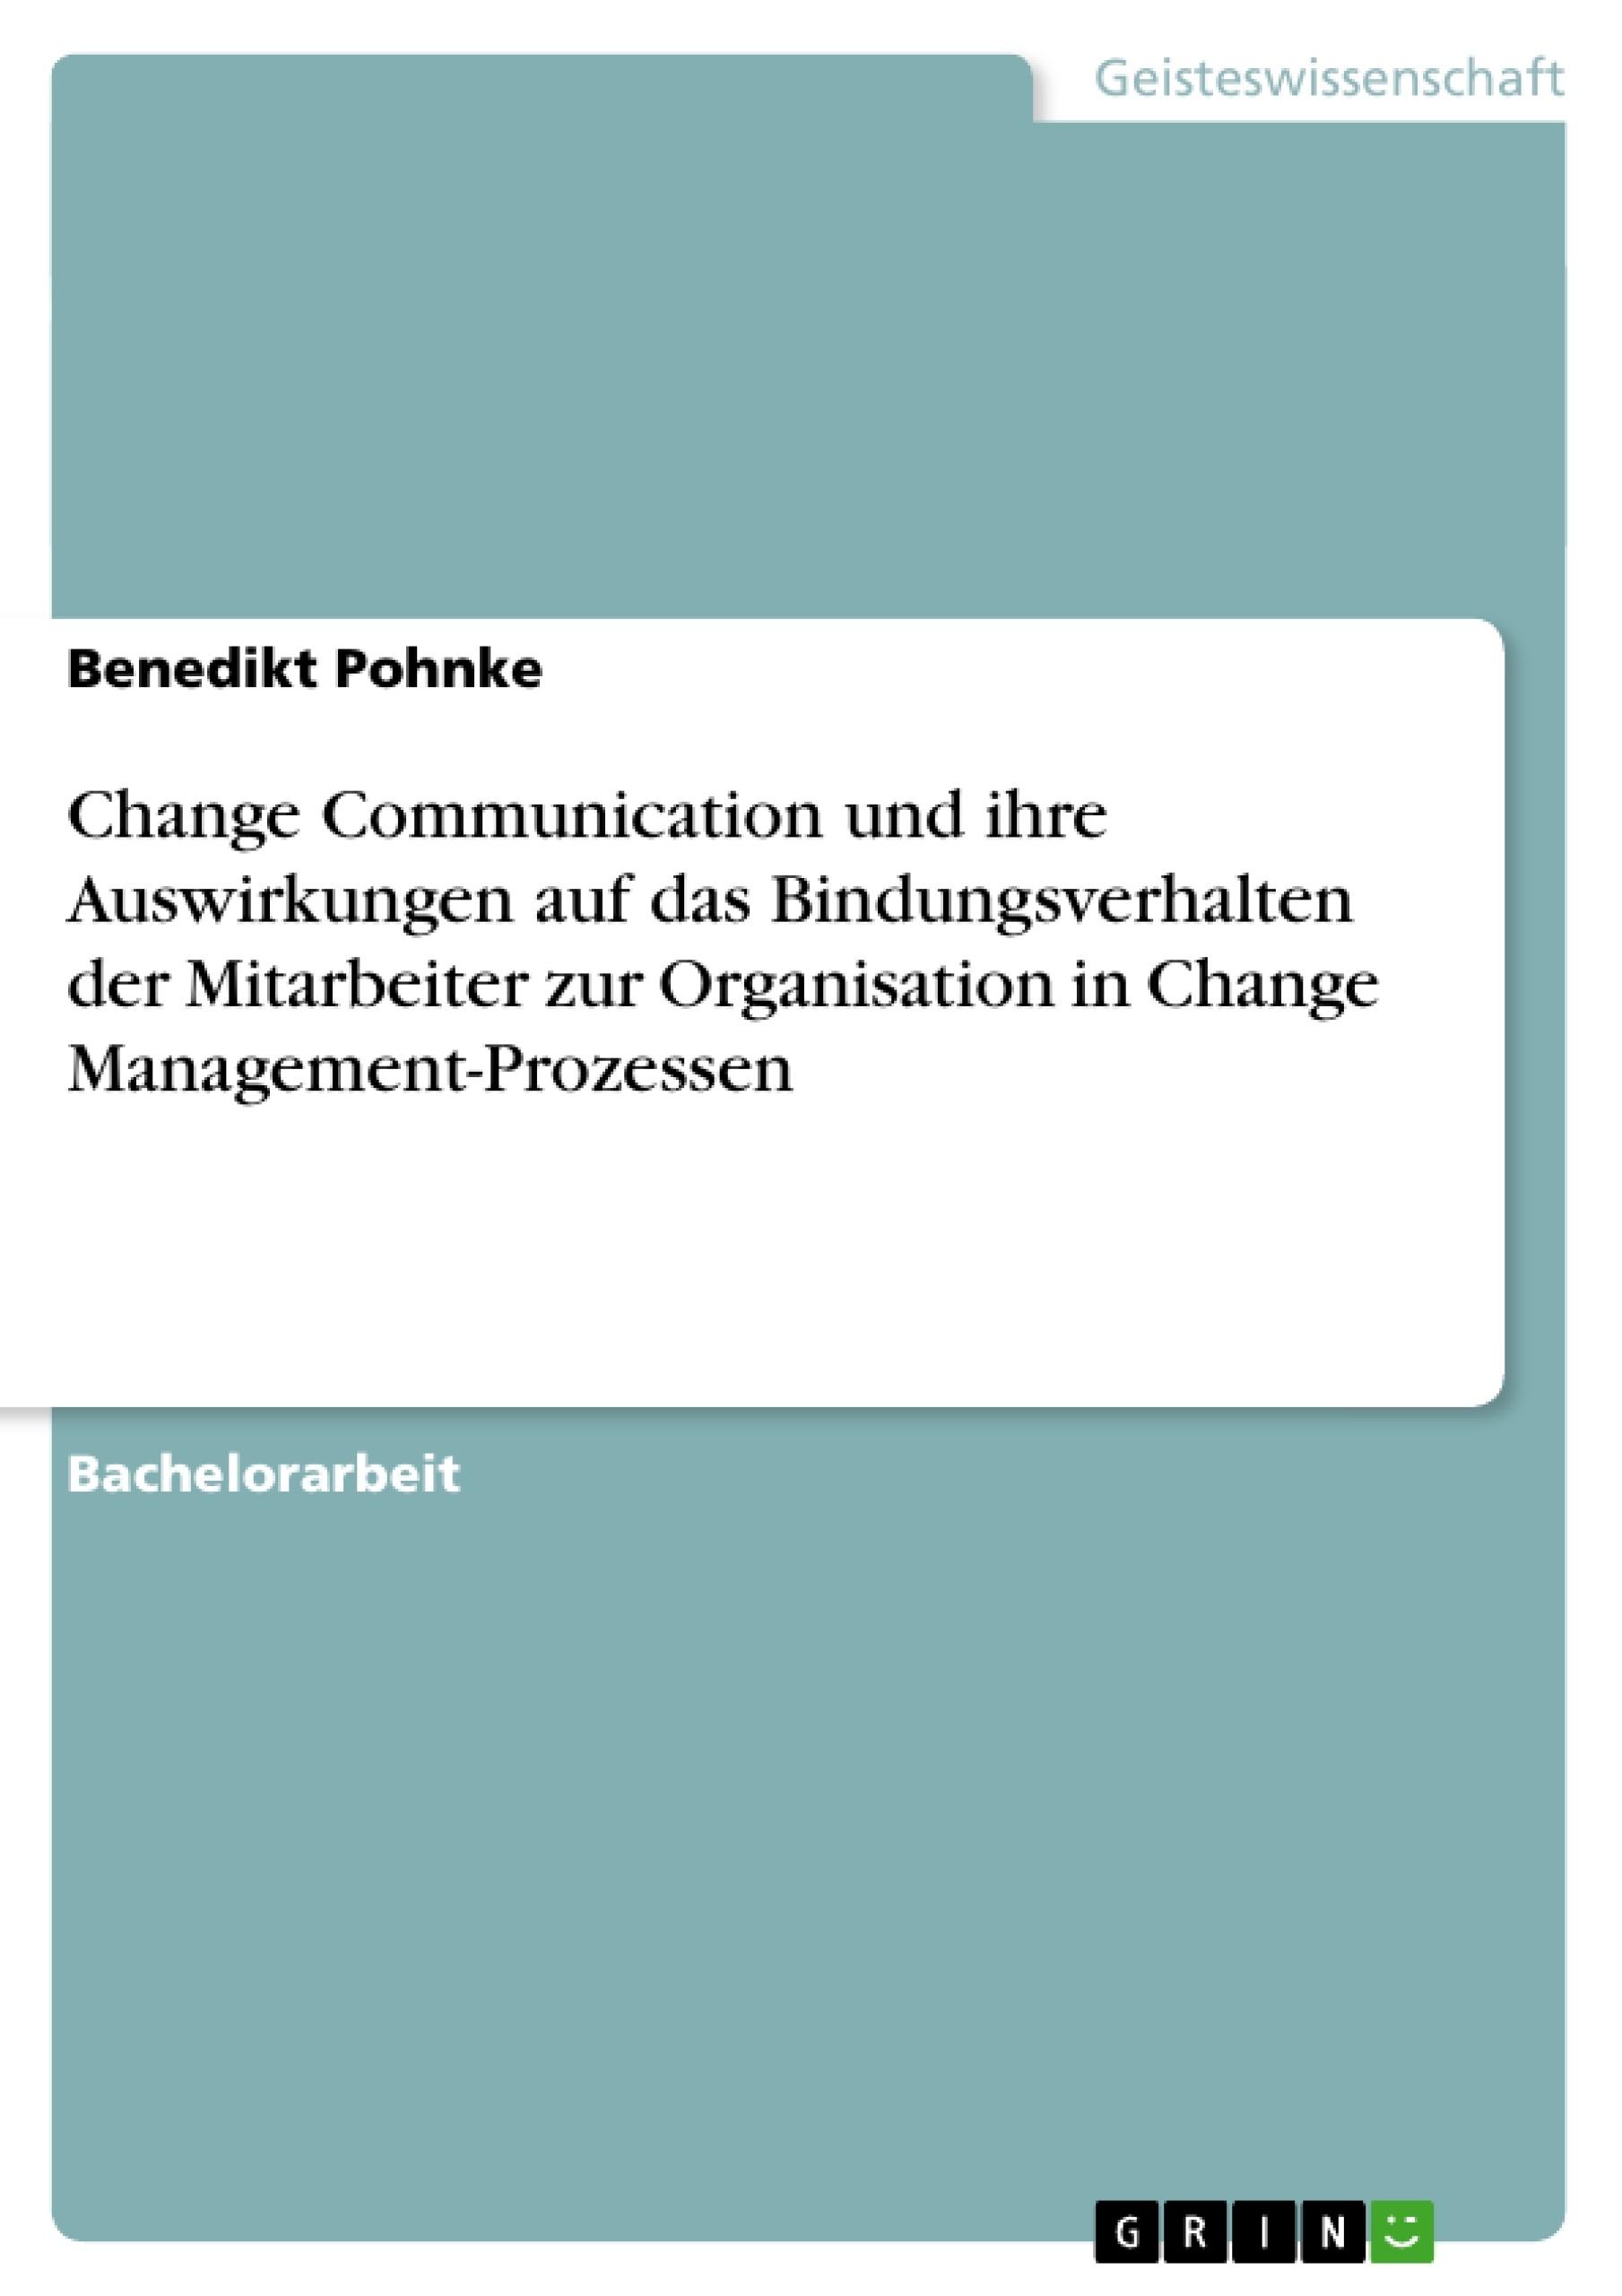 Titel: Change Communication und ihre Auswirkungen auf das Bindungsverhalten der Mitarbeiter zur Organisation in Change Management-Prozessen